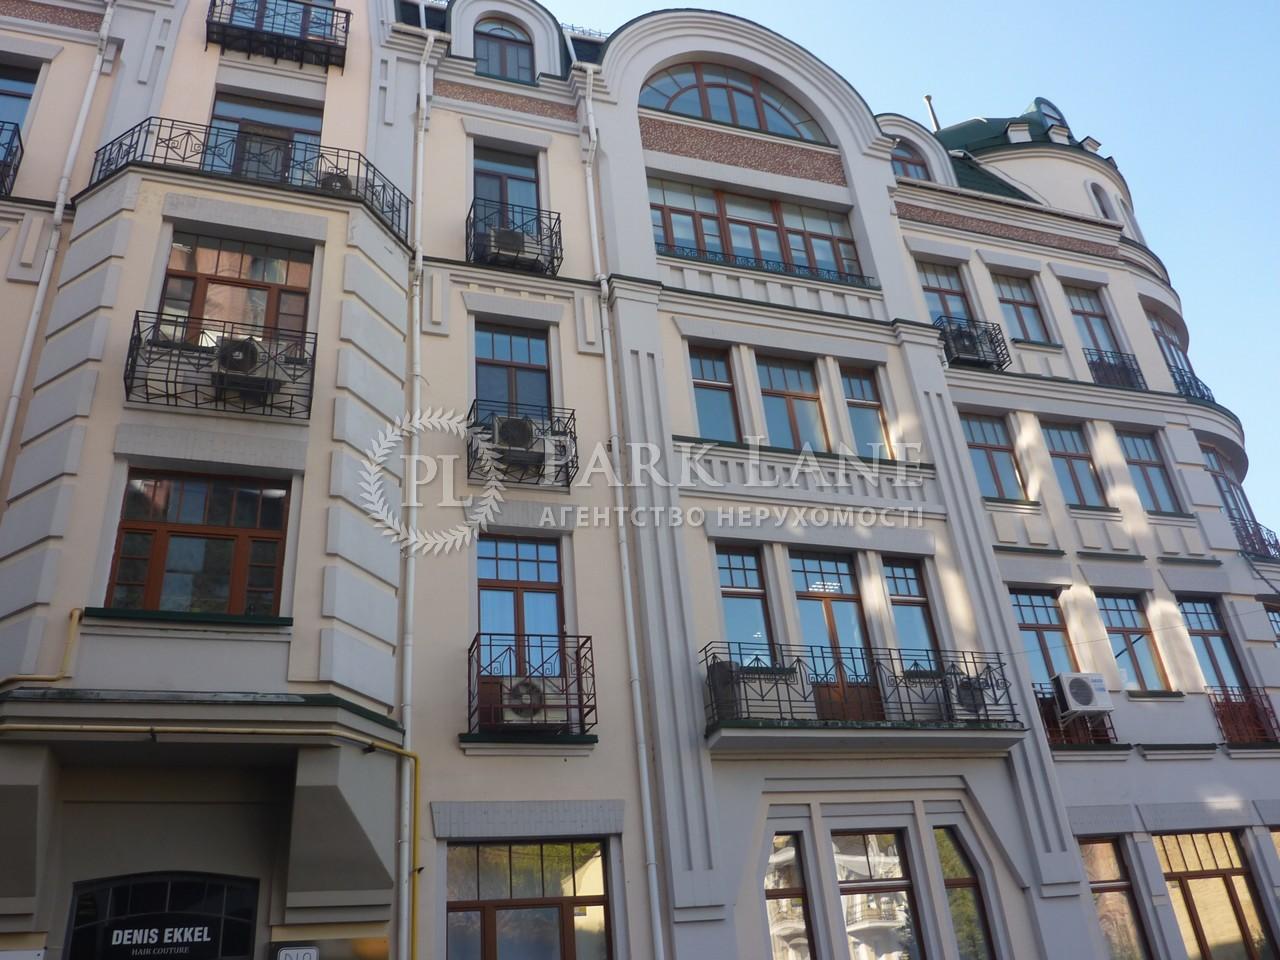 Квартира ул. Воздвиженская, 48, Киев, D-31270 - Фото 1